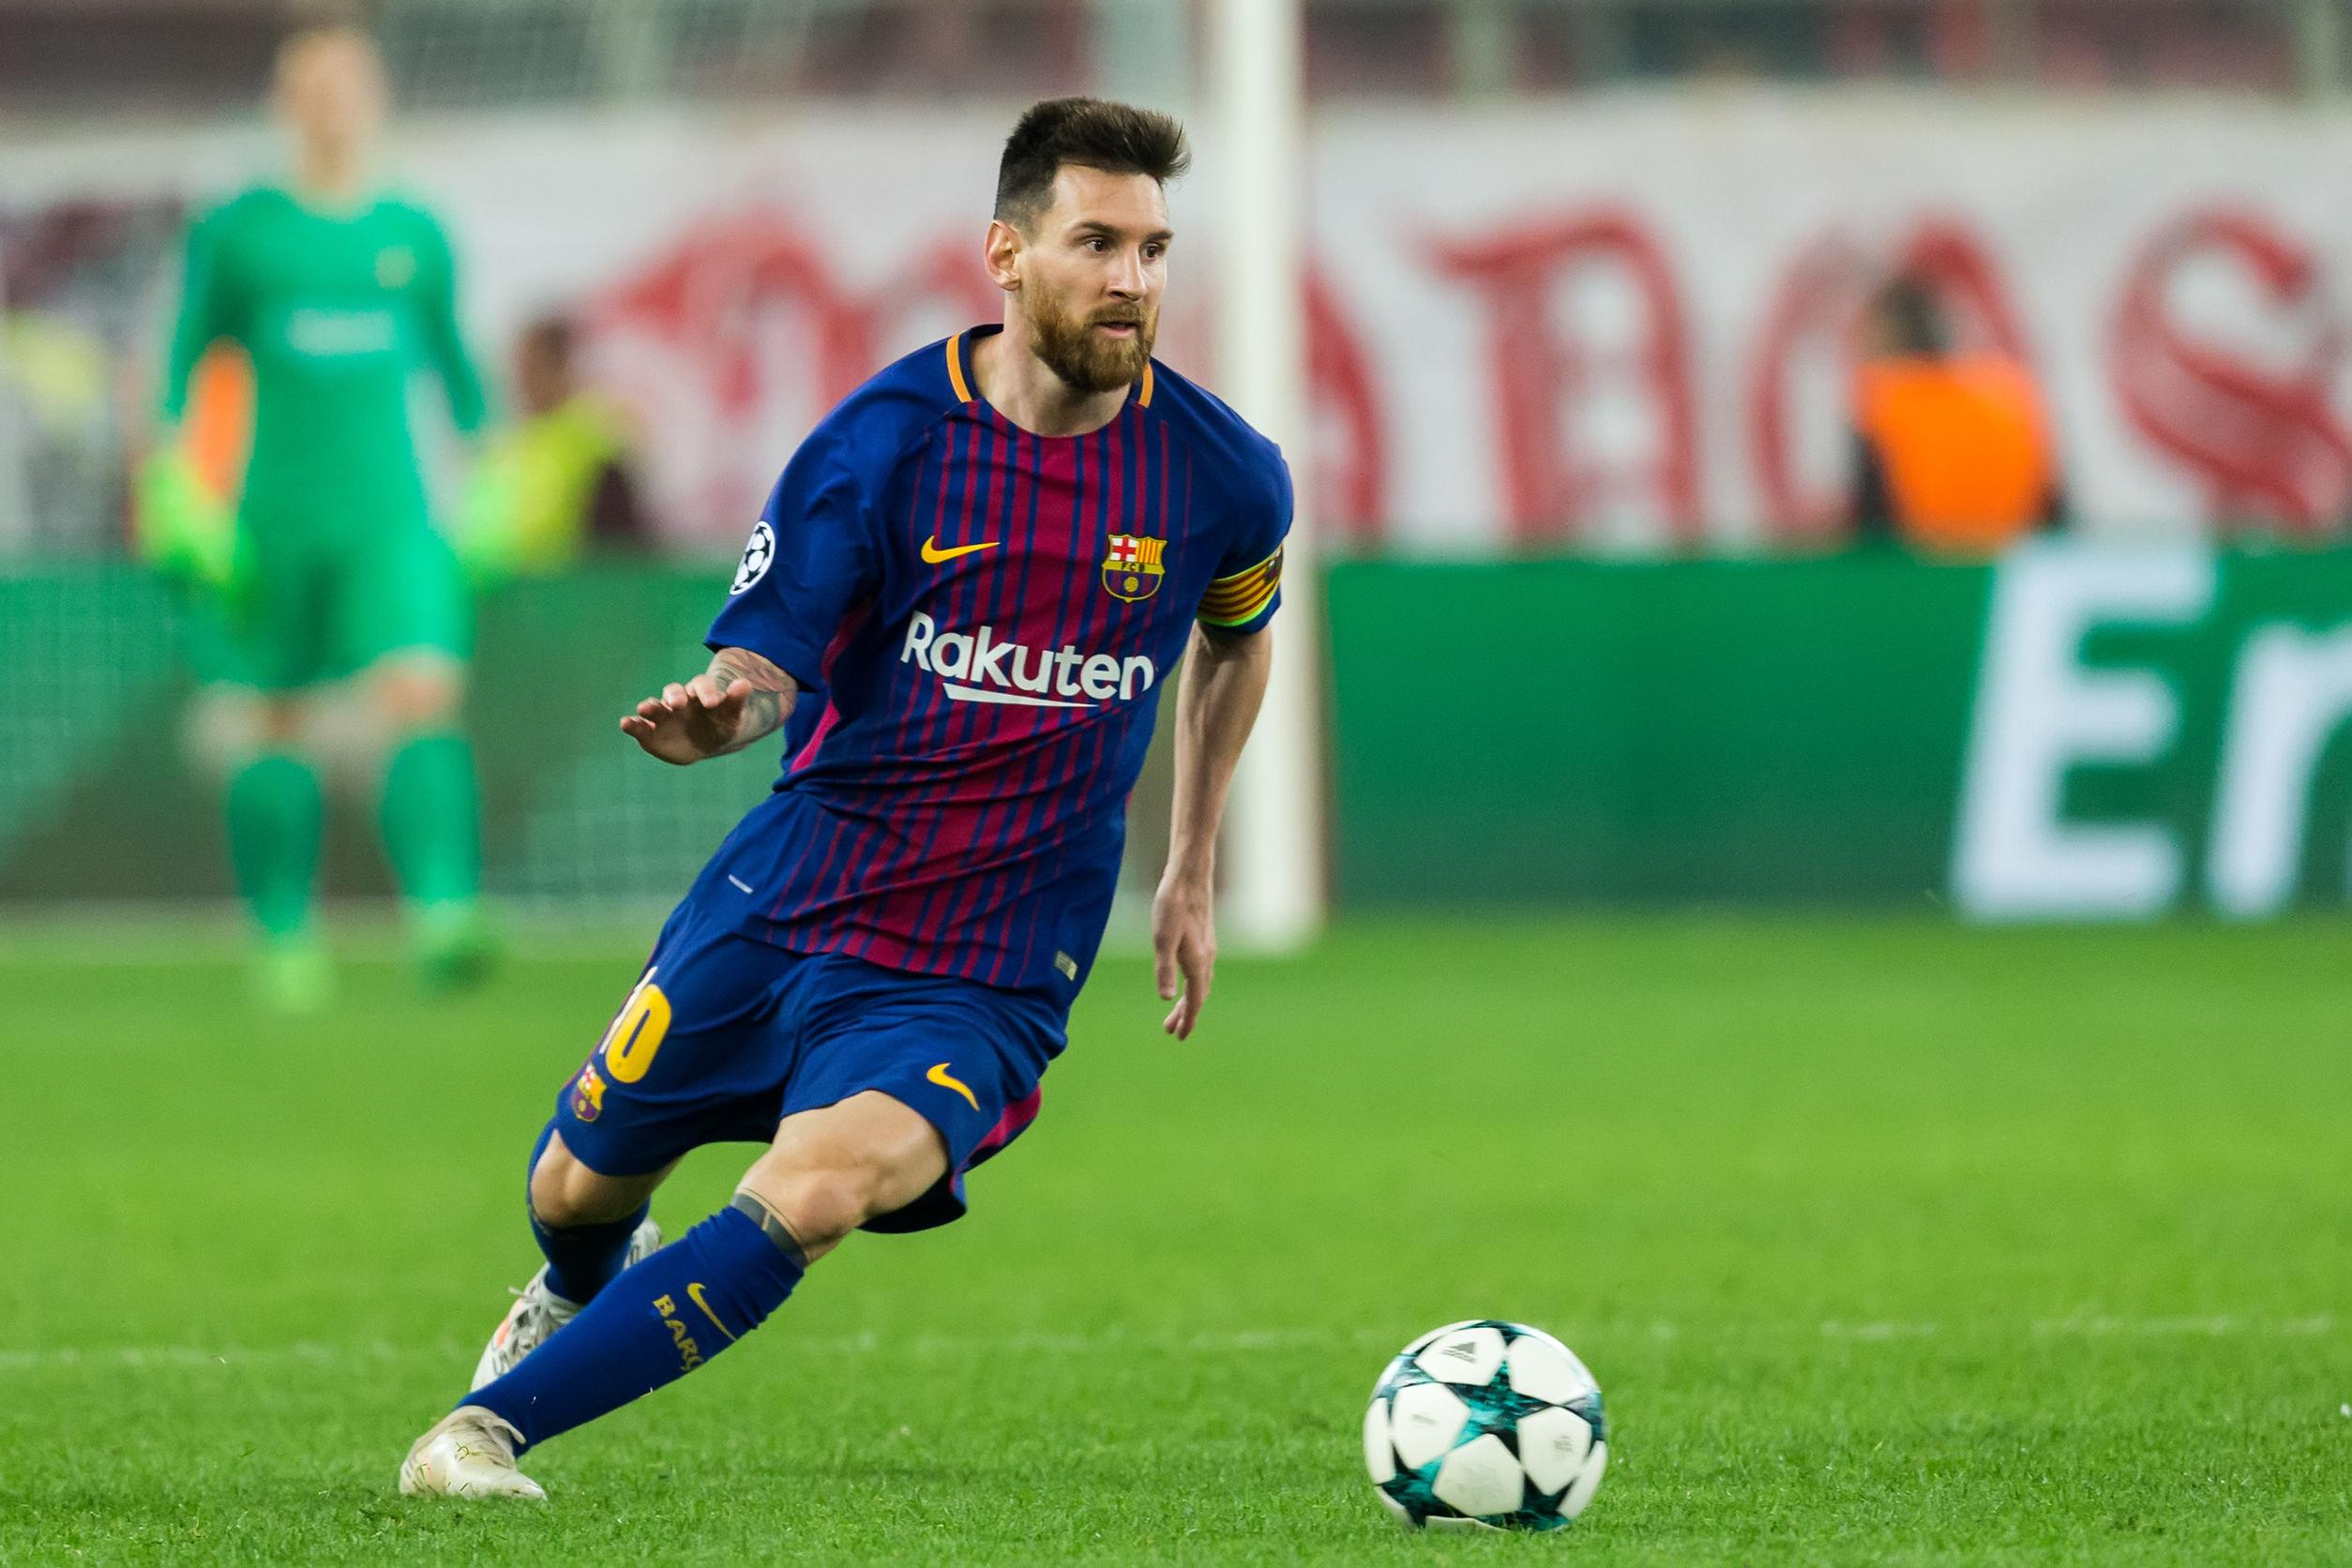 Lionel Messi est l'un des plus grands footballeurs de l'histoire. Crédit photo: VASILIS VERVERIDIS/ 123Rf